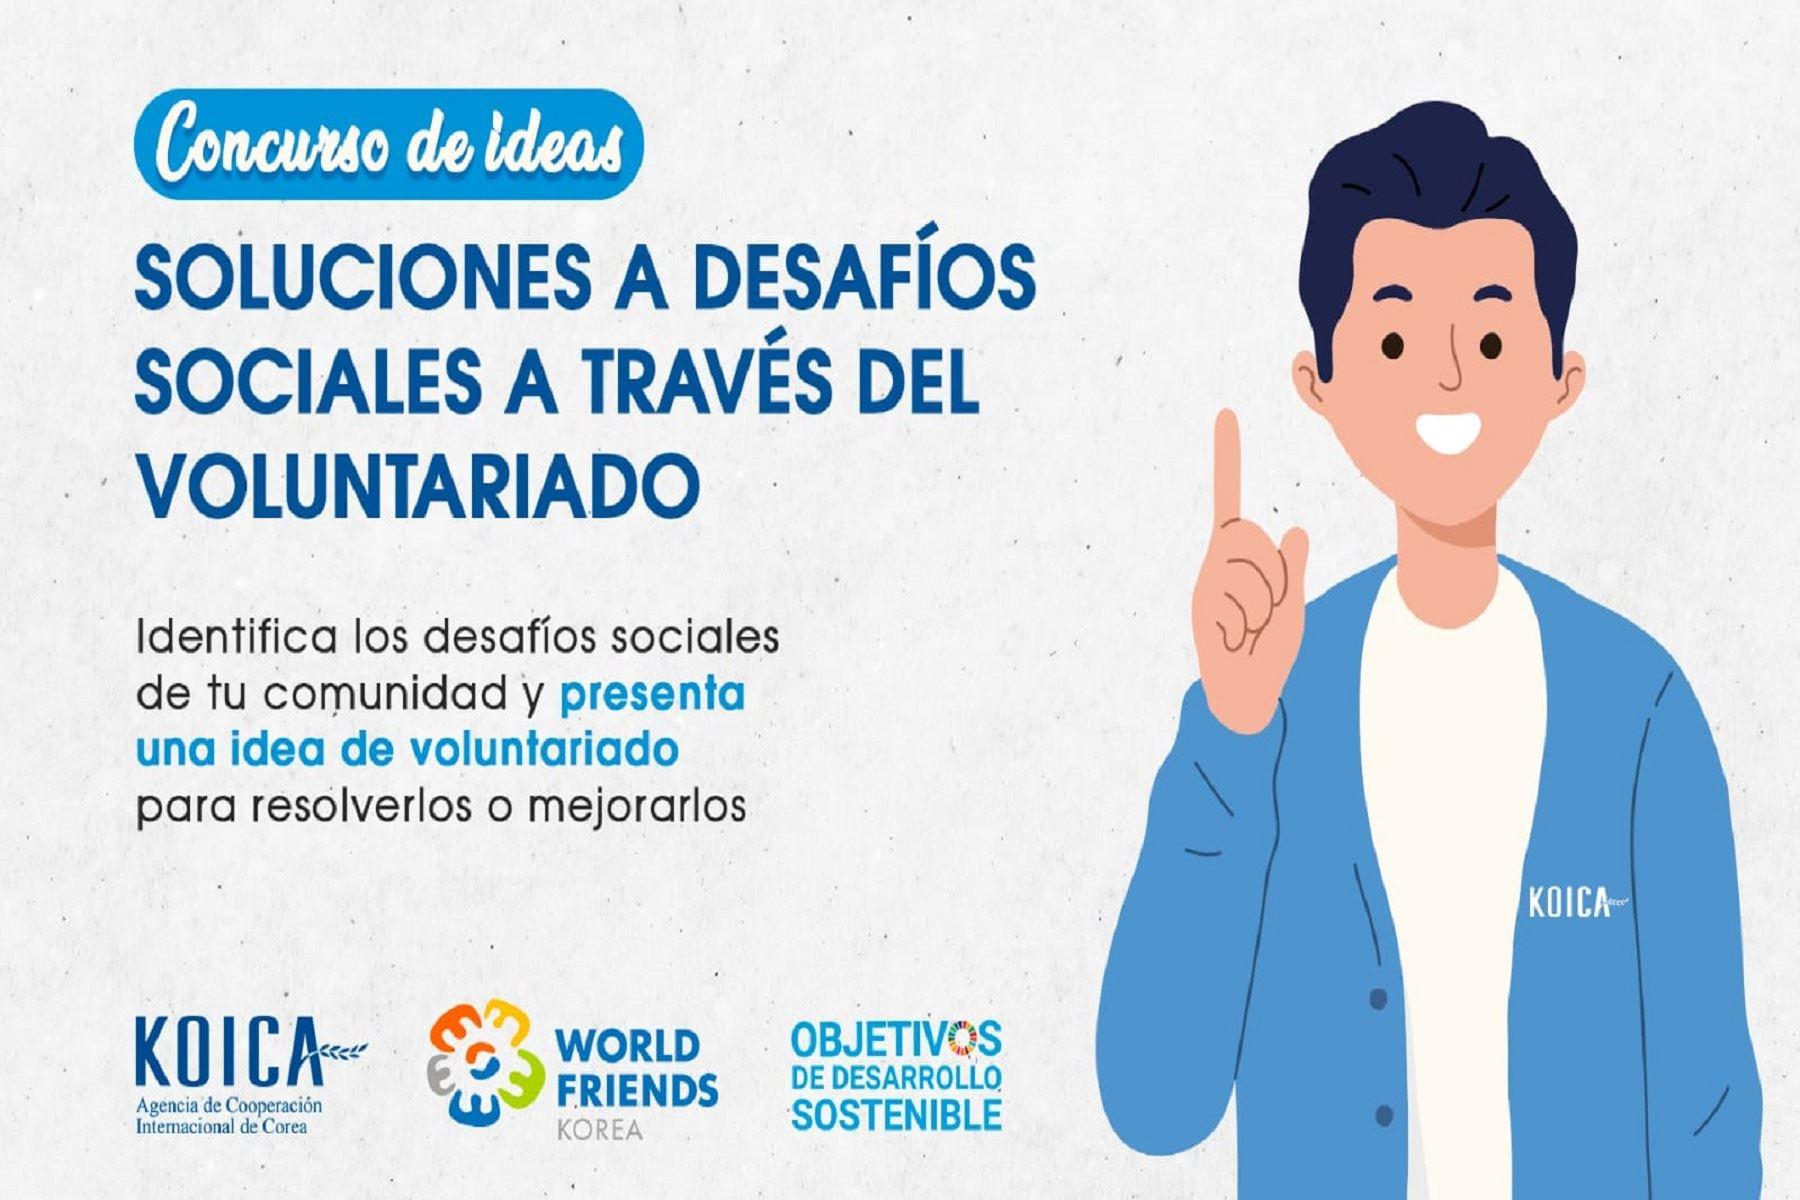 KOICA lanza concurso de ideas para fomentar el voluntariado en la sociedad peruana. Foto: Difusión